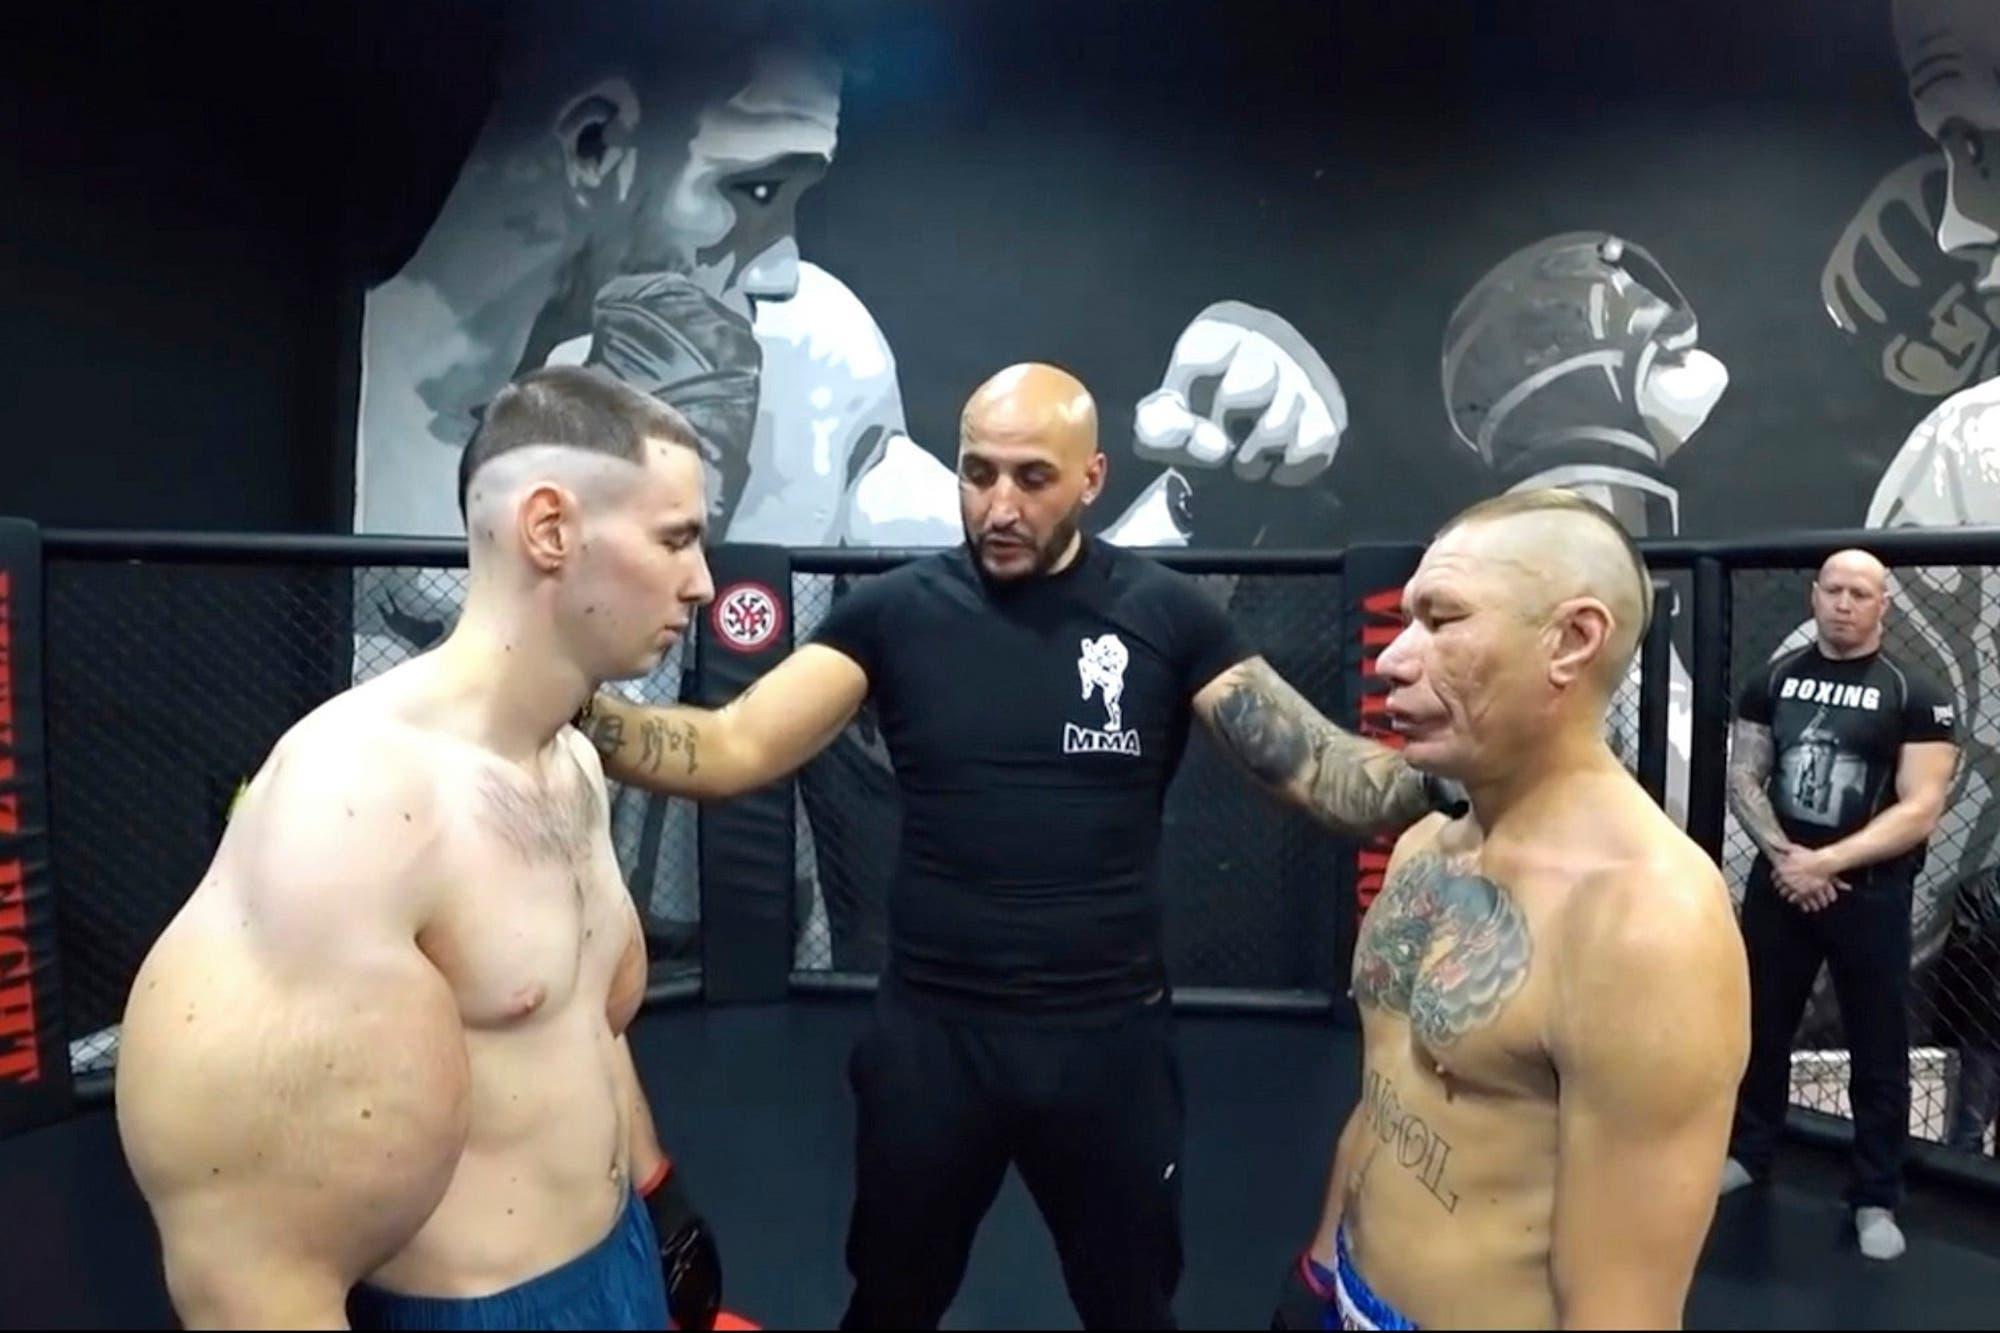 El colmo del MMA: un luchador se deformó los bíceps con aceite y no duró ni un round